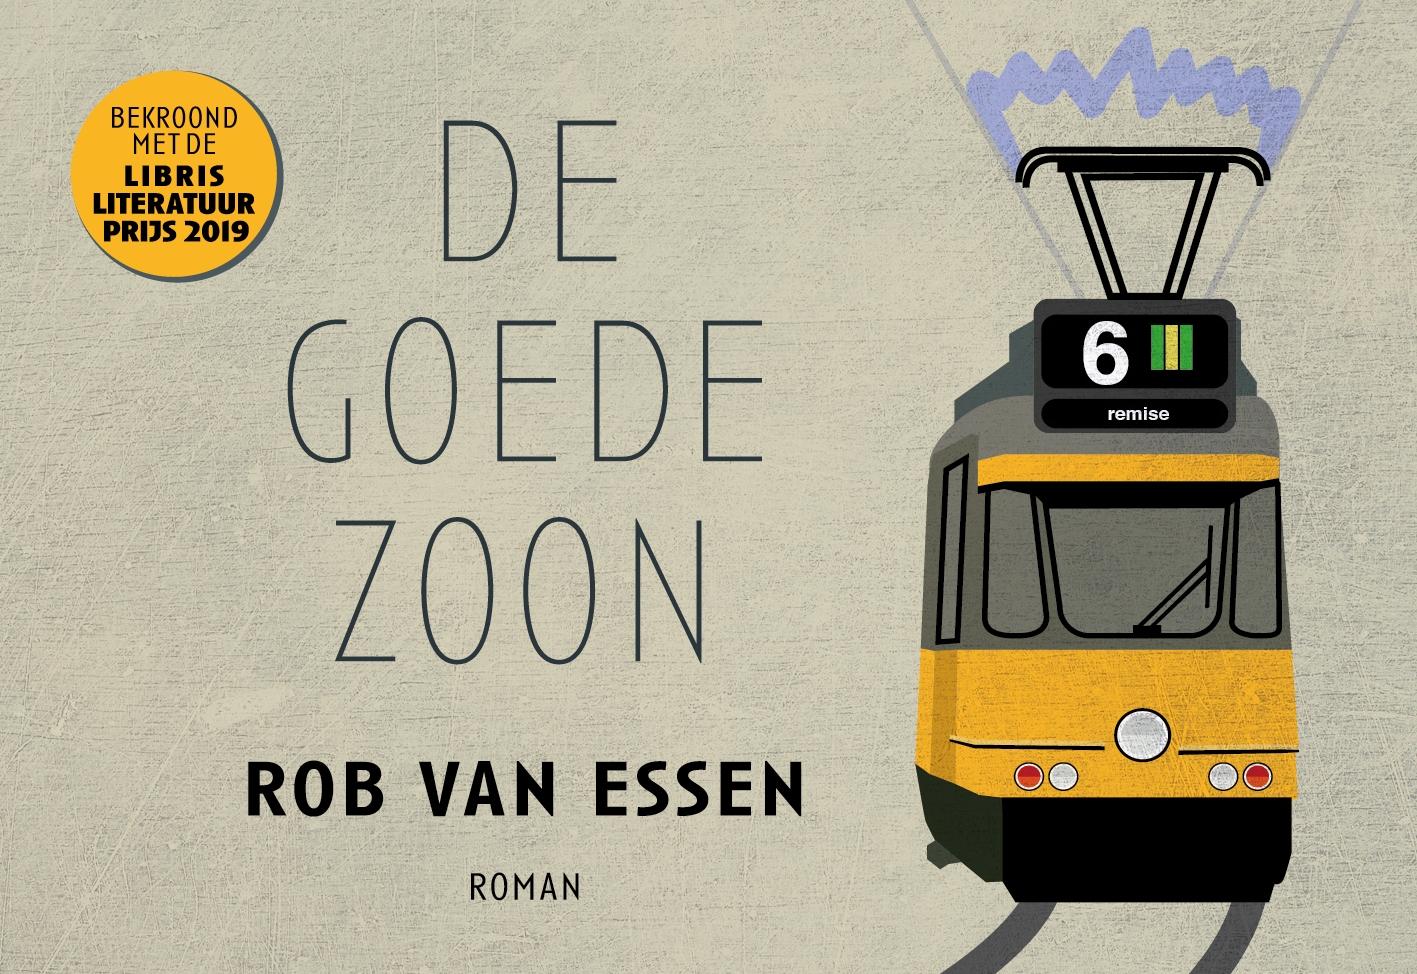 Rob van Essen,De goede zoon